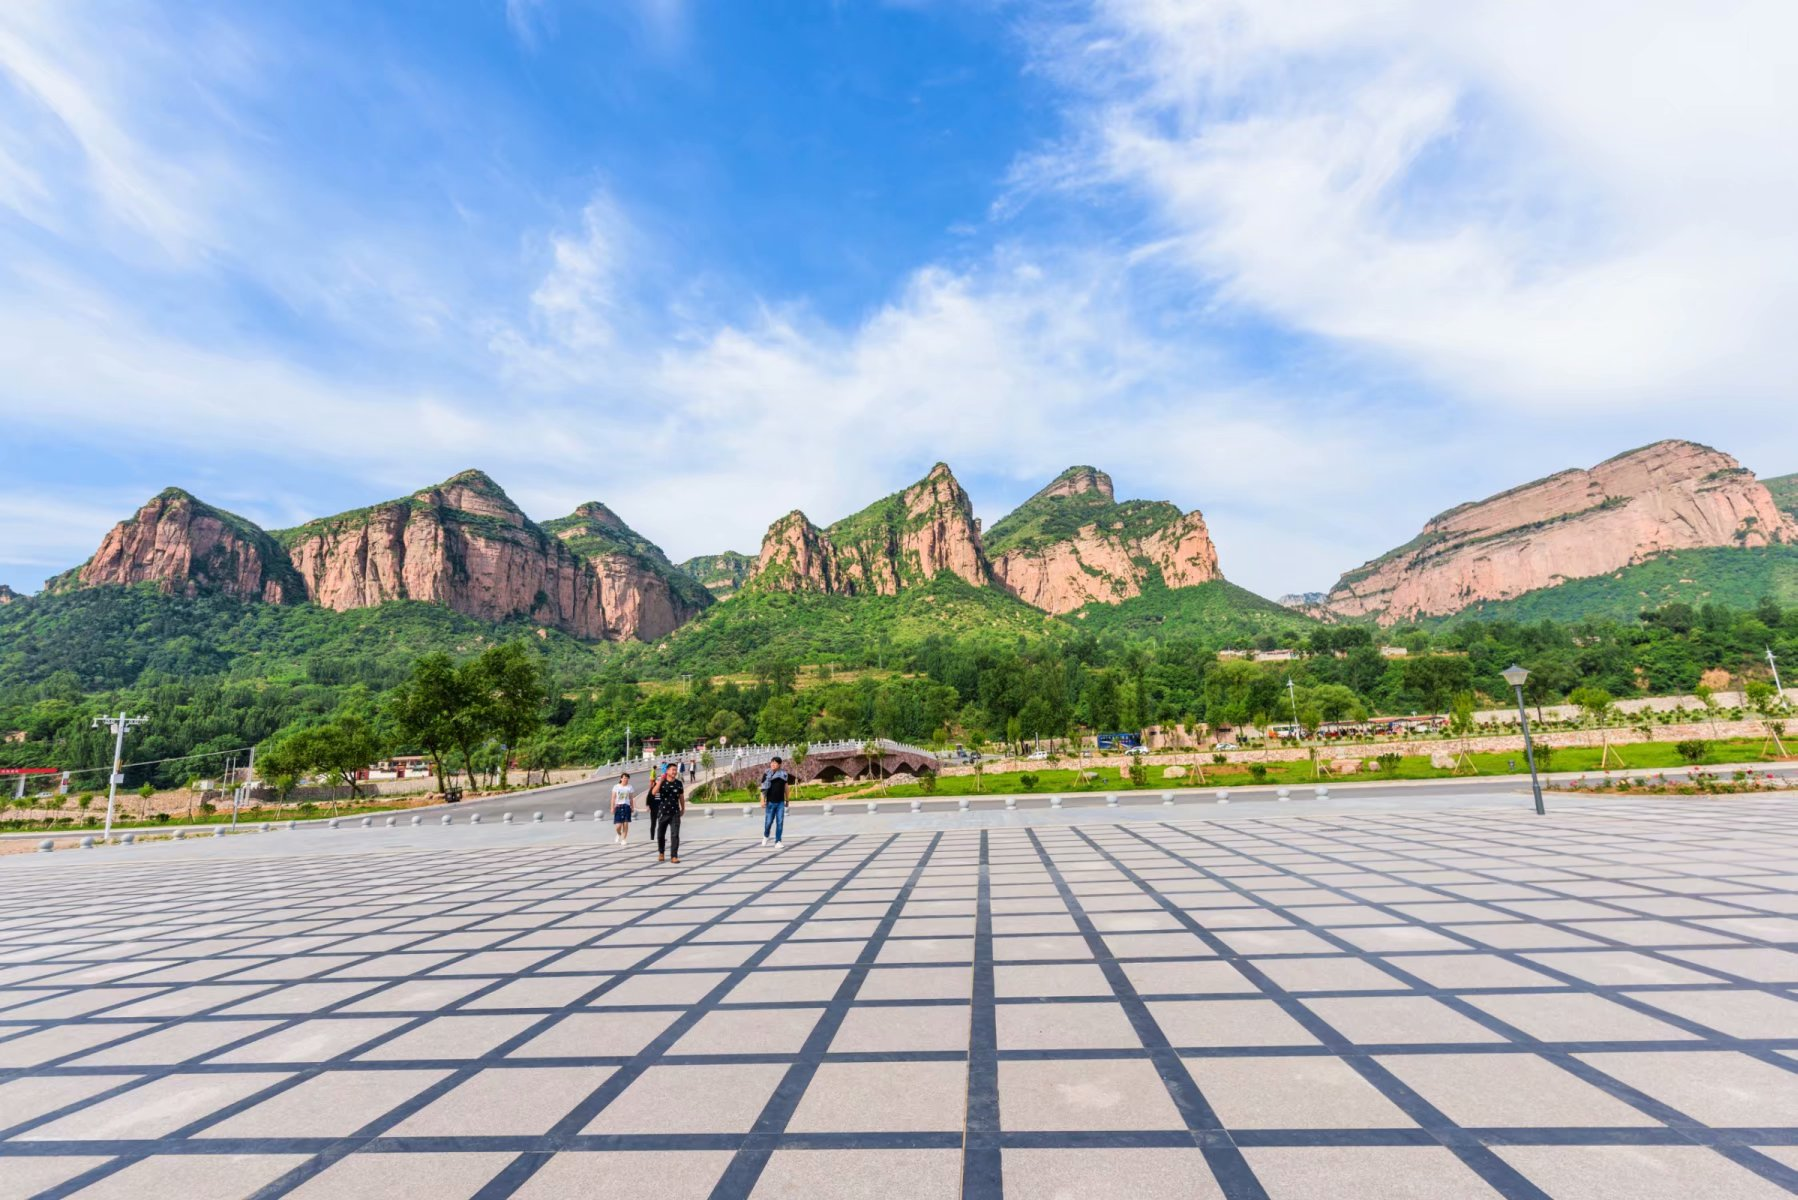 河北邯郸,有座巍巍的山,集奇峰俊岭为一身